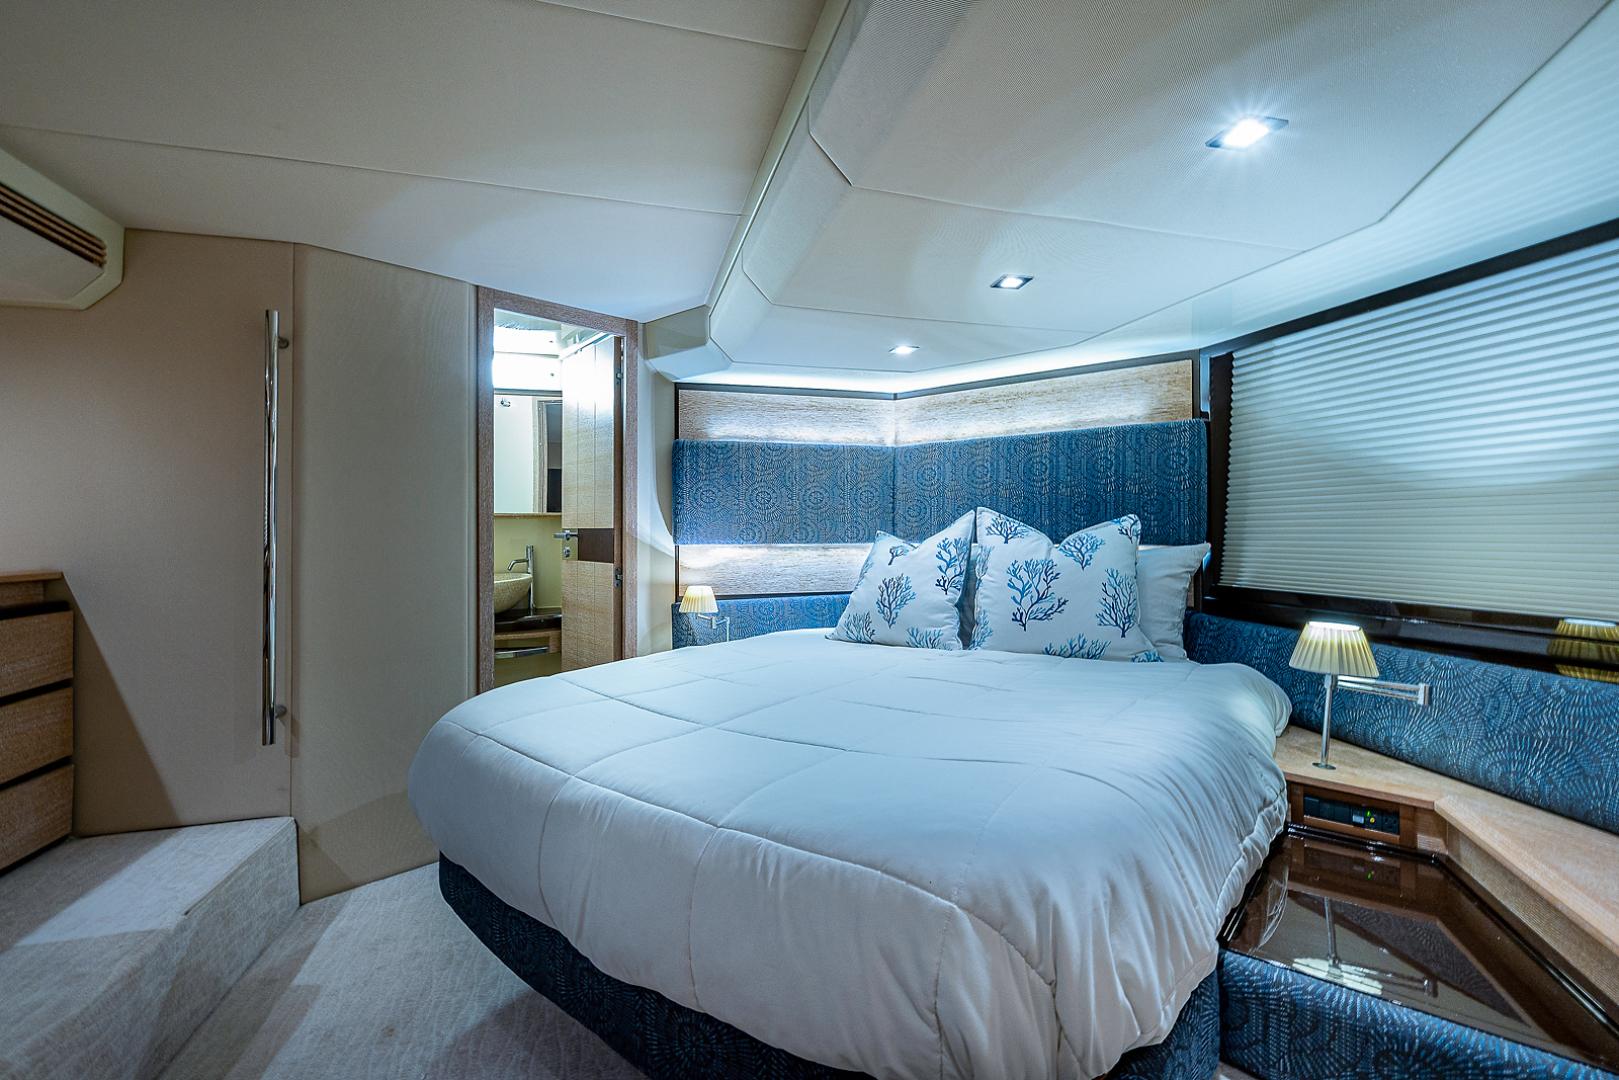 Azimut-58 Fly Motor Yacht 2011-Nova Fort Lauderdale-Florida-United States-58_azimut_nova__master_stateroom10-1490543 | Thumbnail